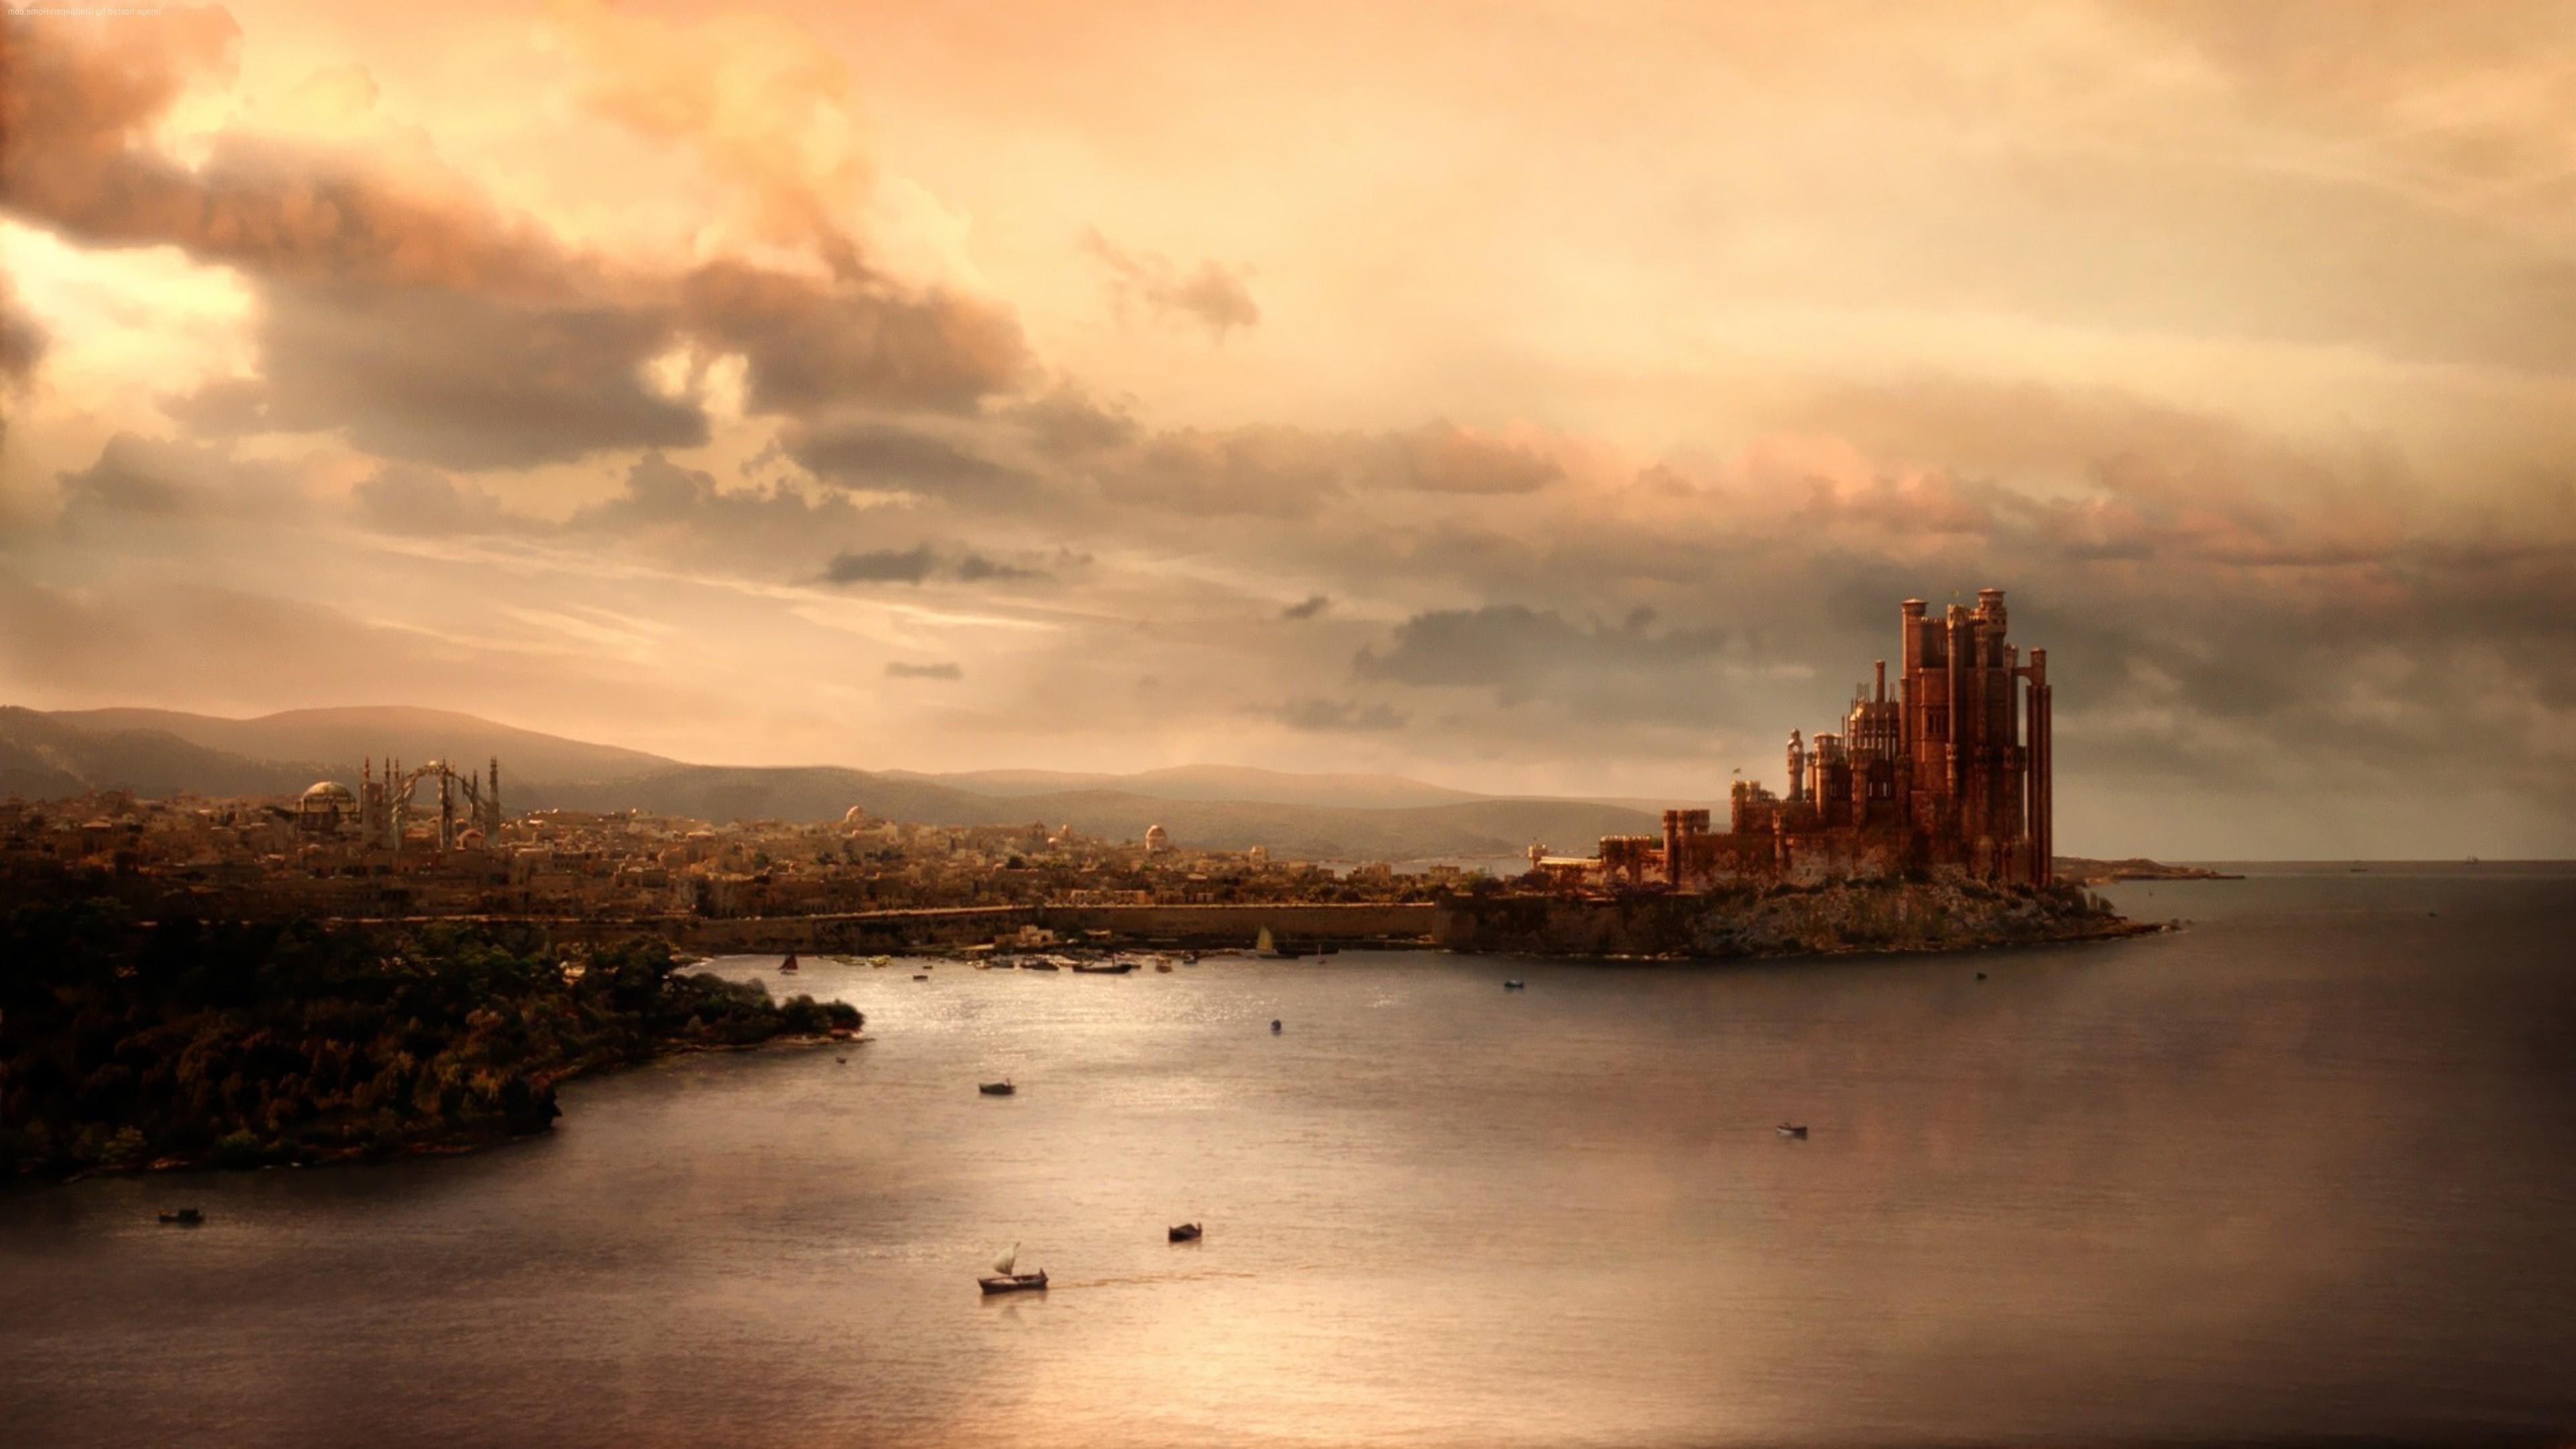 Fondos De Pantalla 3840x2160 Px Game Of Thrones 3840x2160